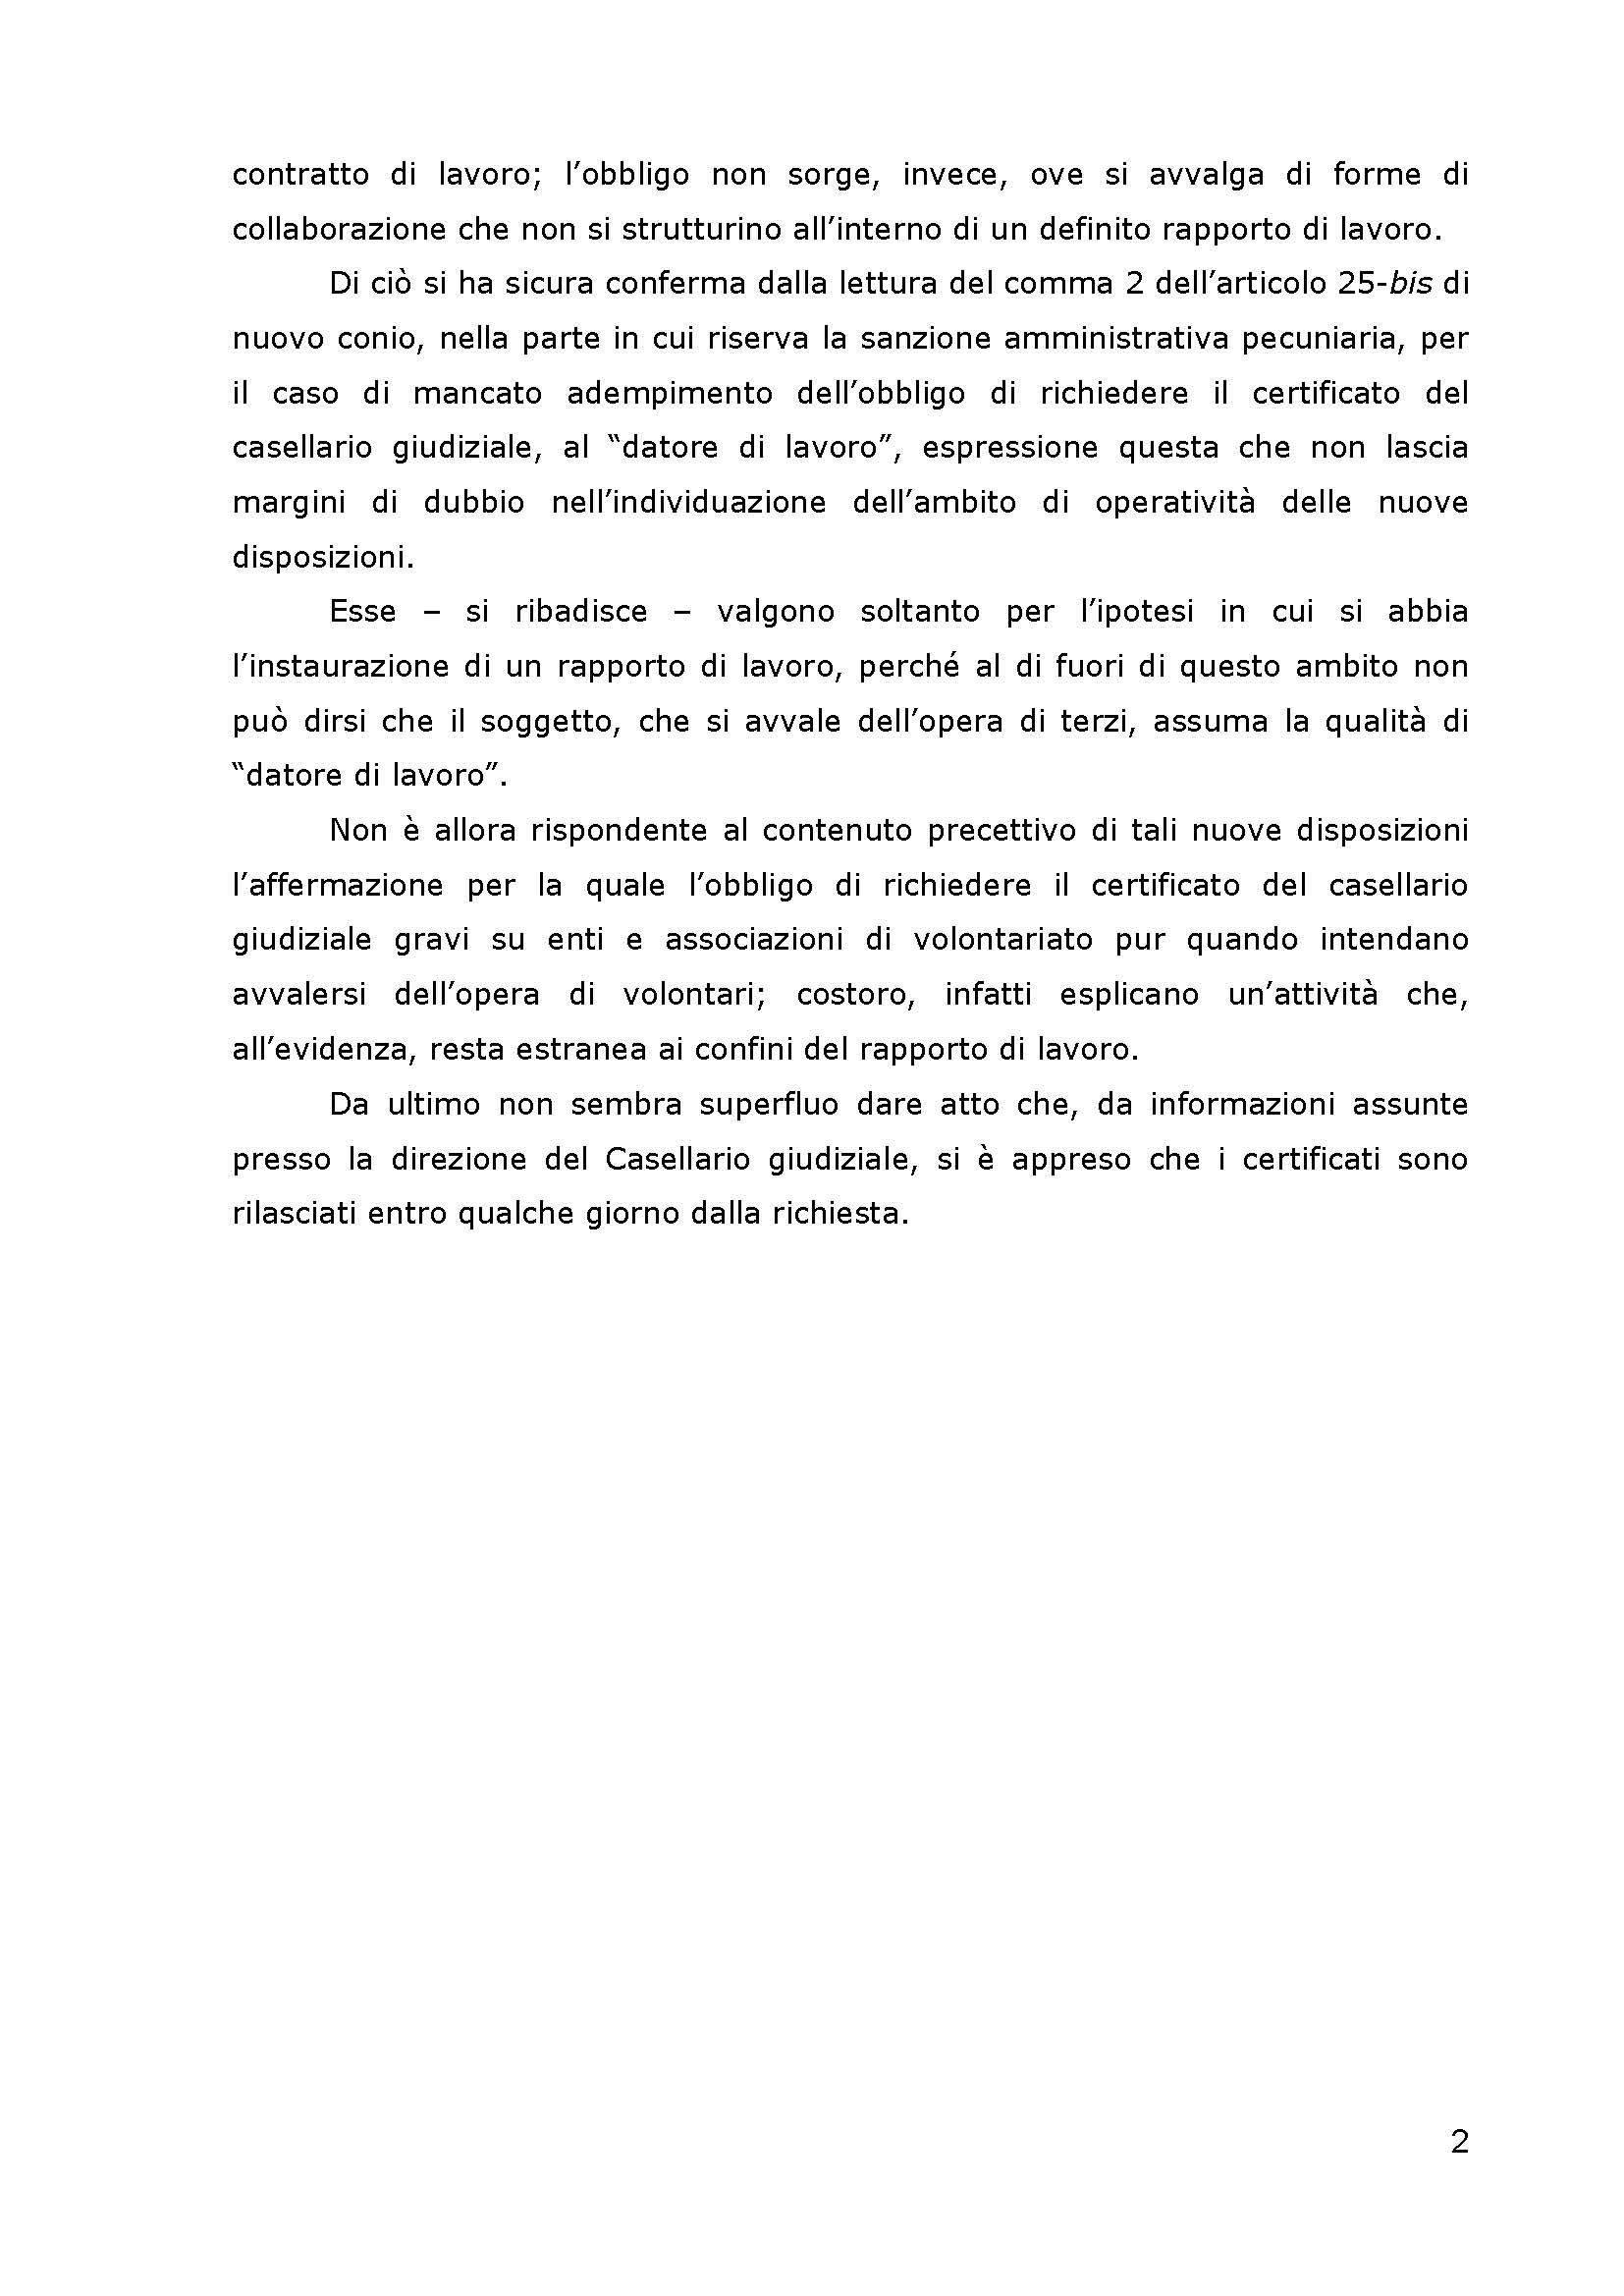 Cerpenale_vf_Pagina_2